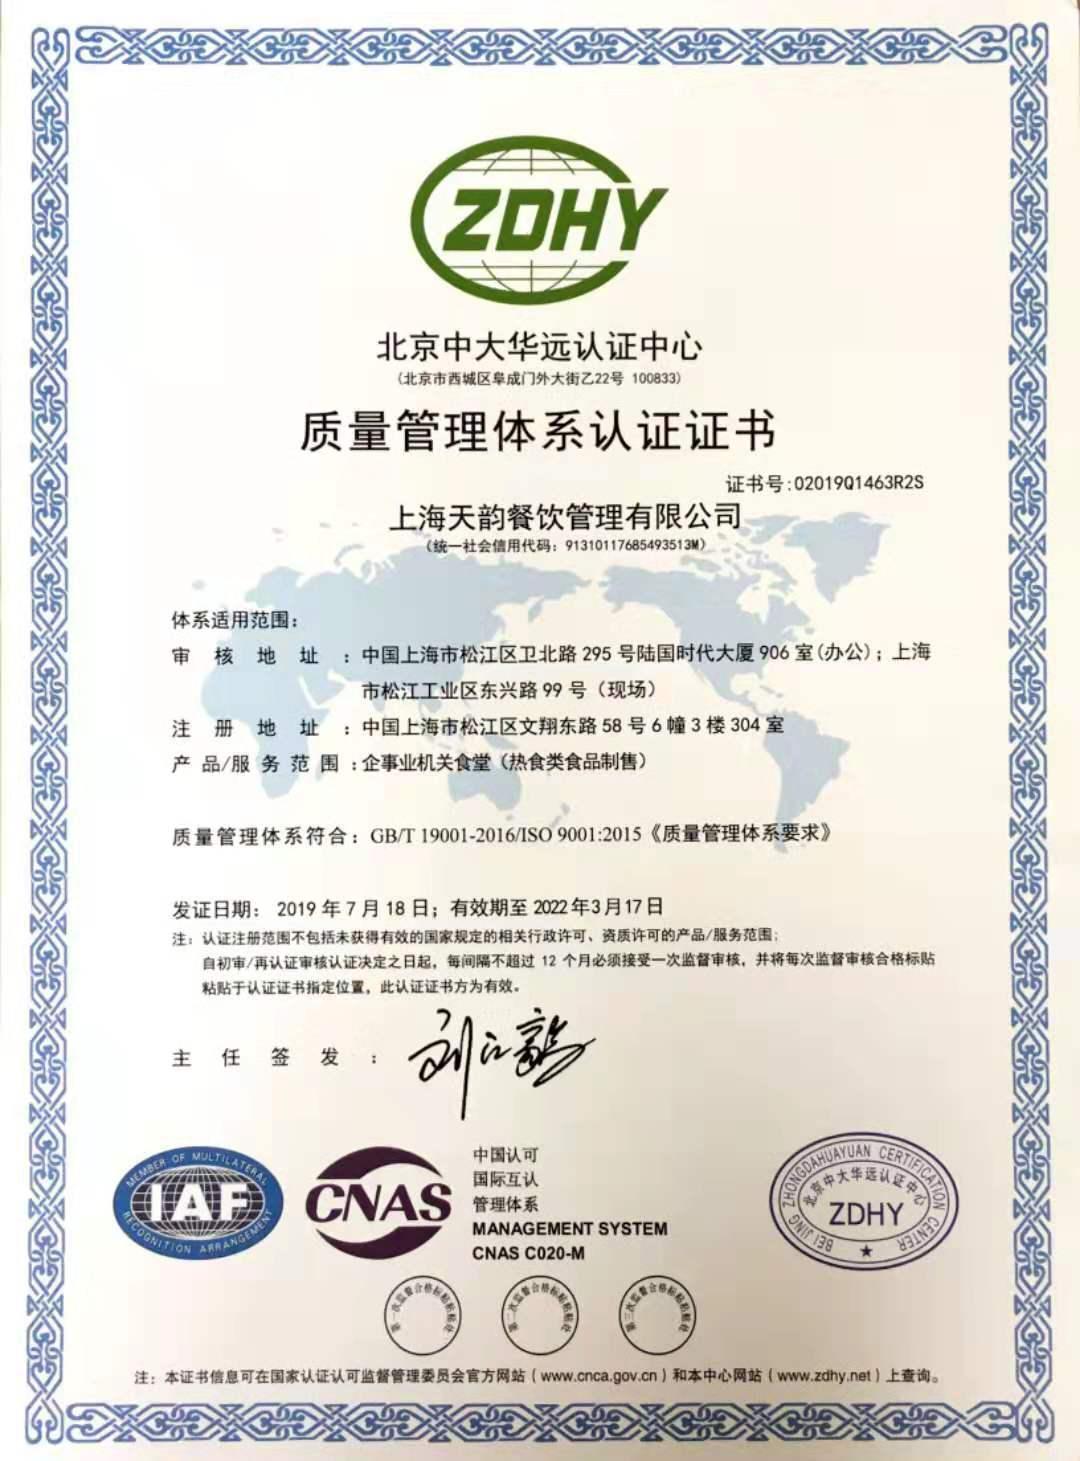 天韵餐饮质量管理体系认证证书